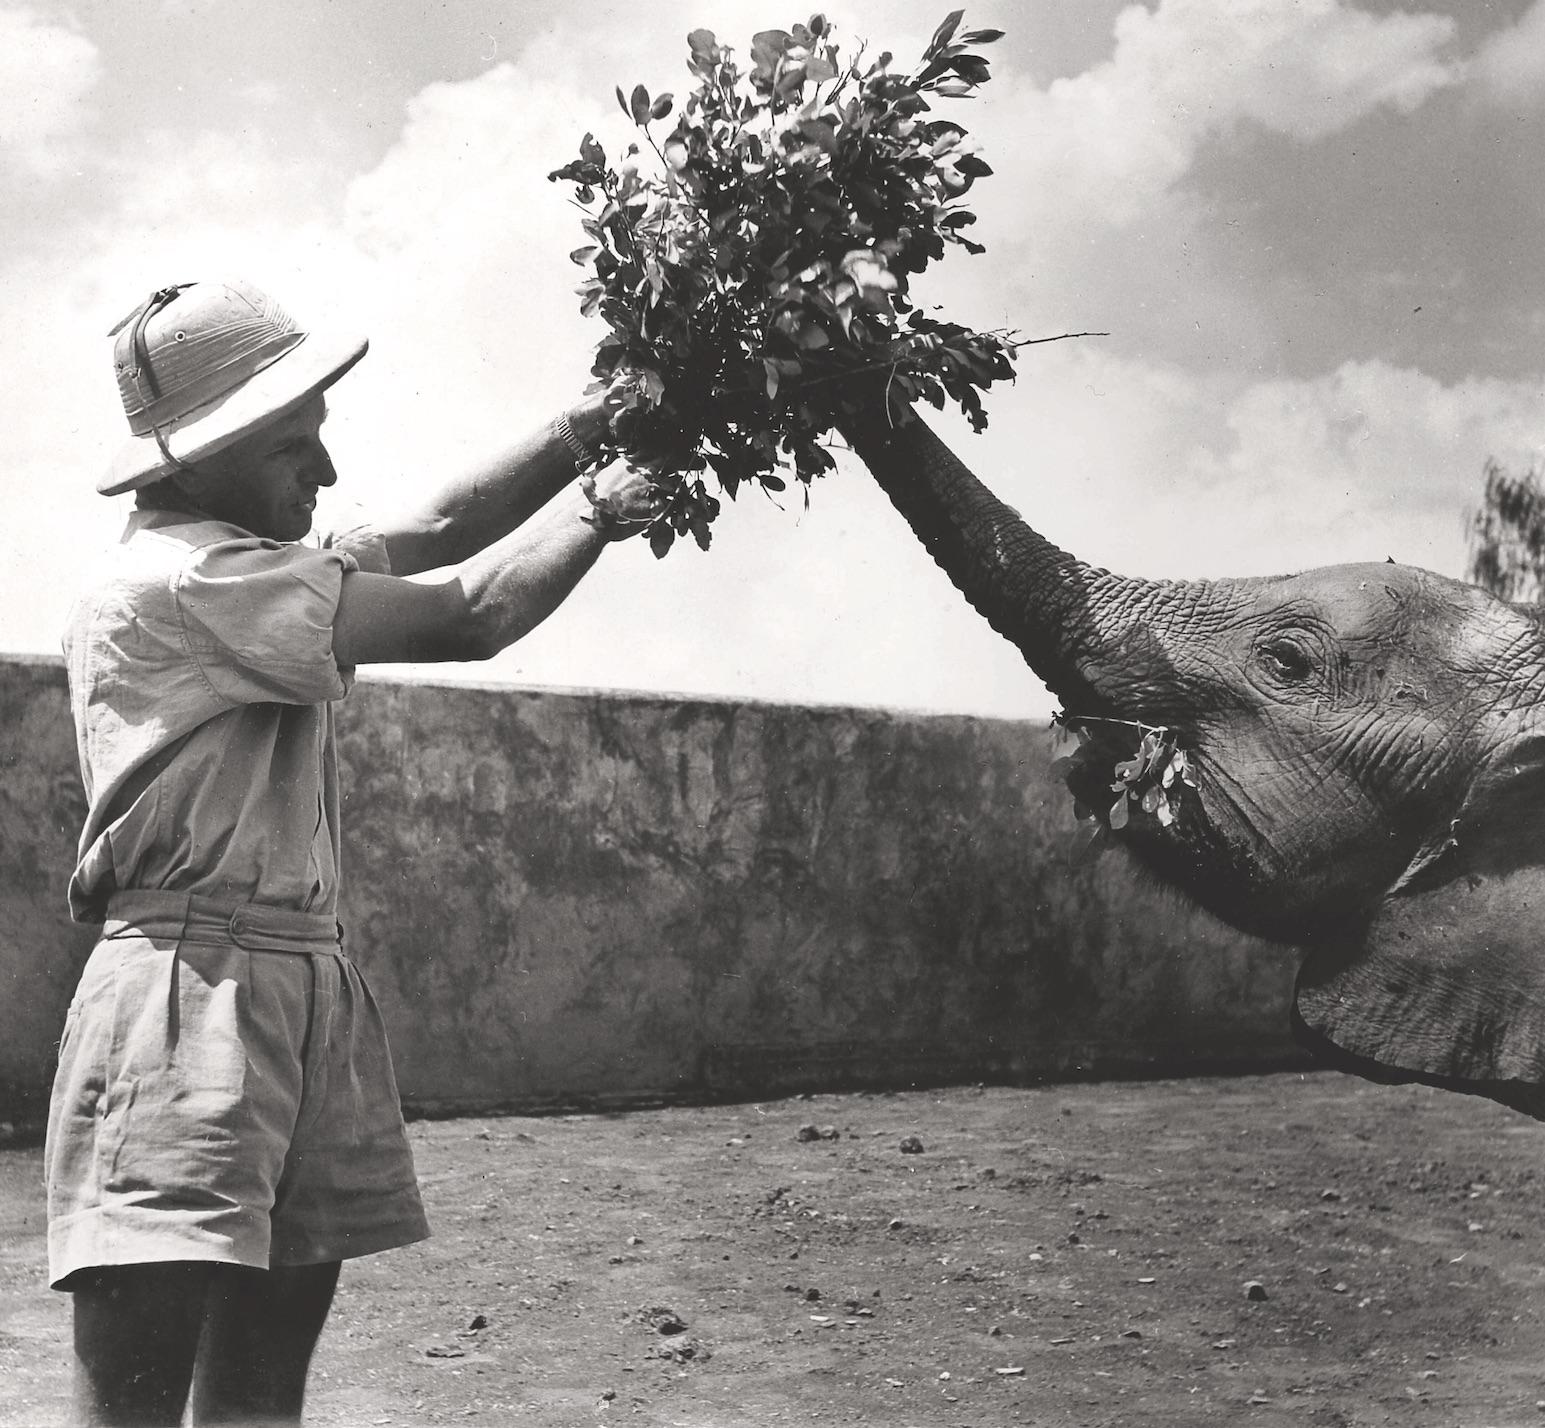 Zoologe Fritz Ernst füttert einen Elefanten. Foto: V. Ernst, Tanzania, 1950er-Jahre, Privatbesitz